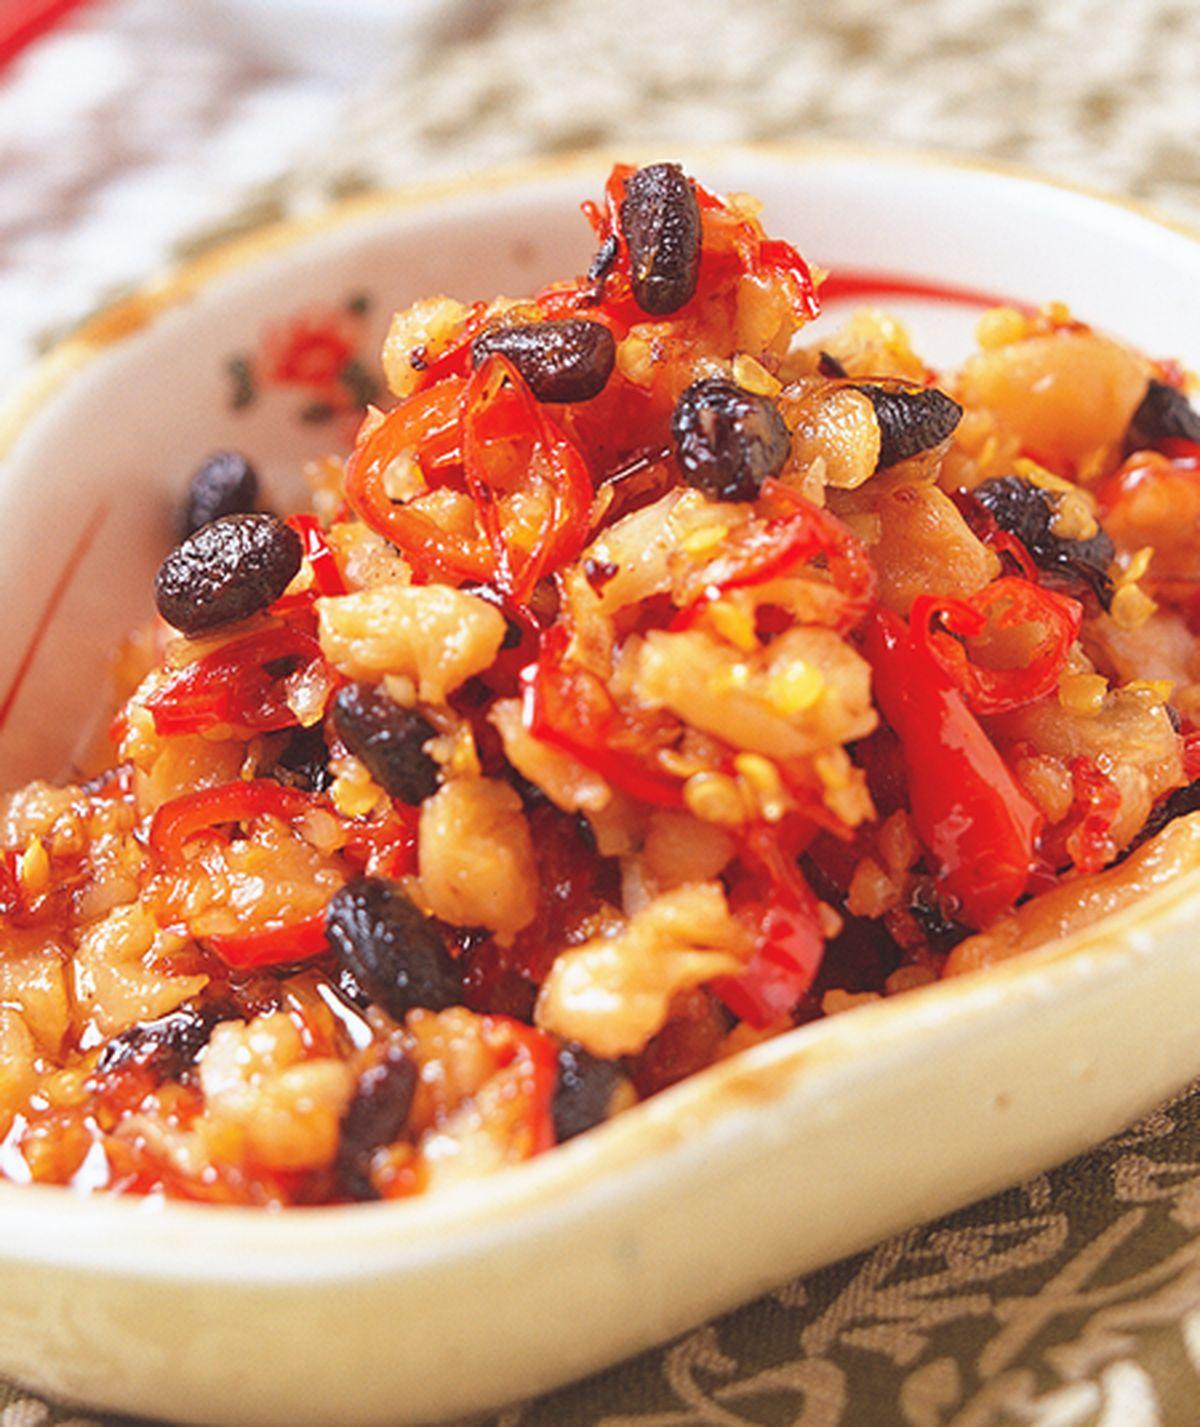 食譜:蘿蔔辣椒醬